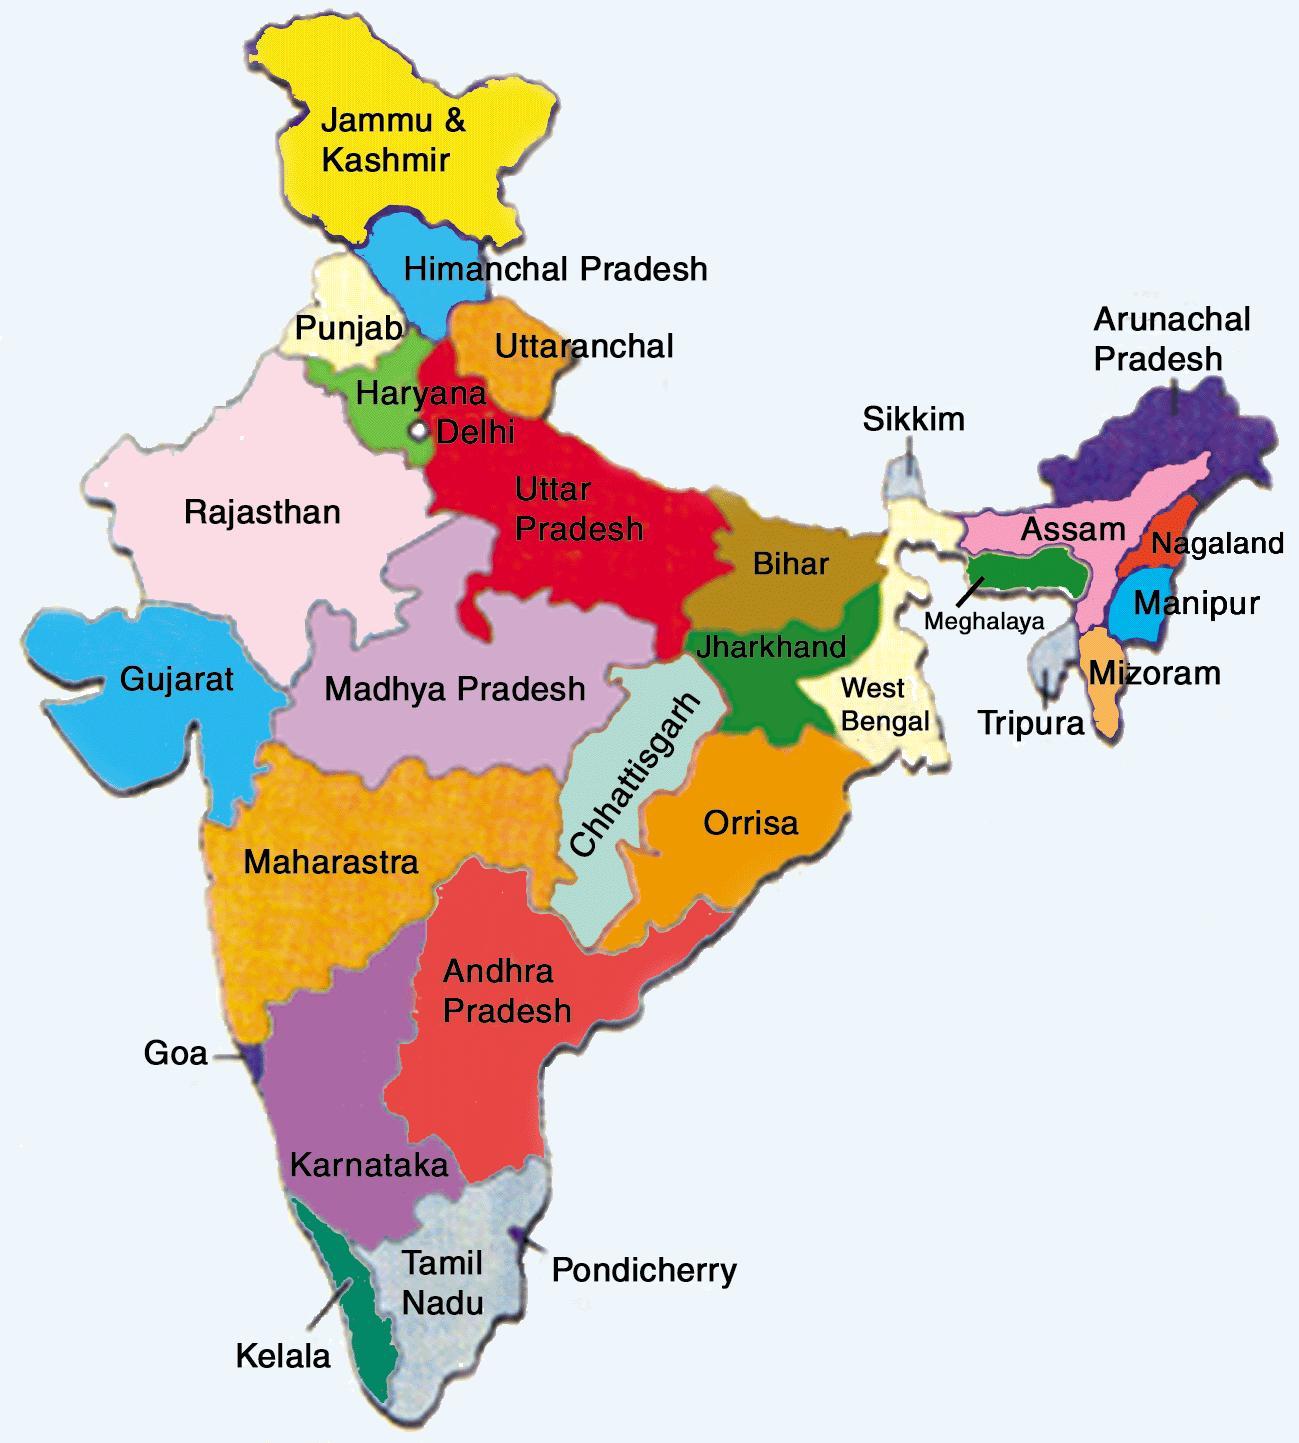 India Meridionale Cartina Geografica.India Mappa Geografica Con Gli Stati Mappa Geografica Dell India Con Gli Stati L Asia Del Sud Asia